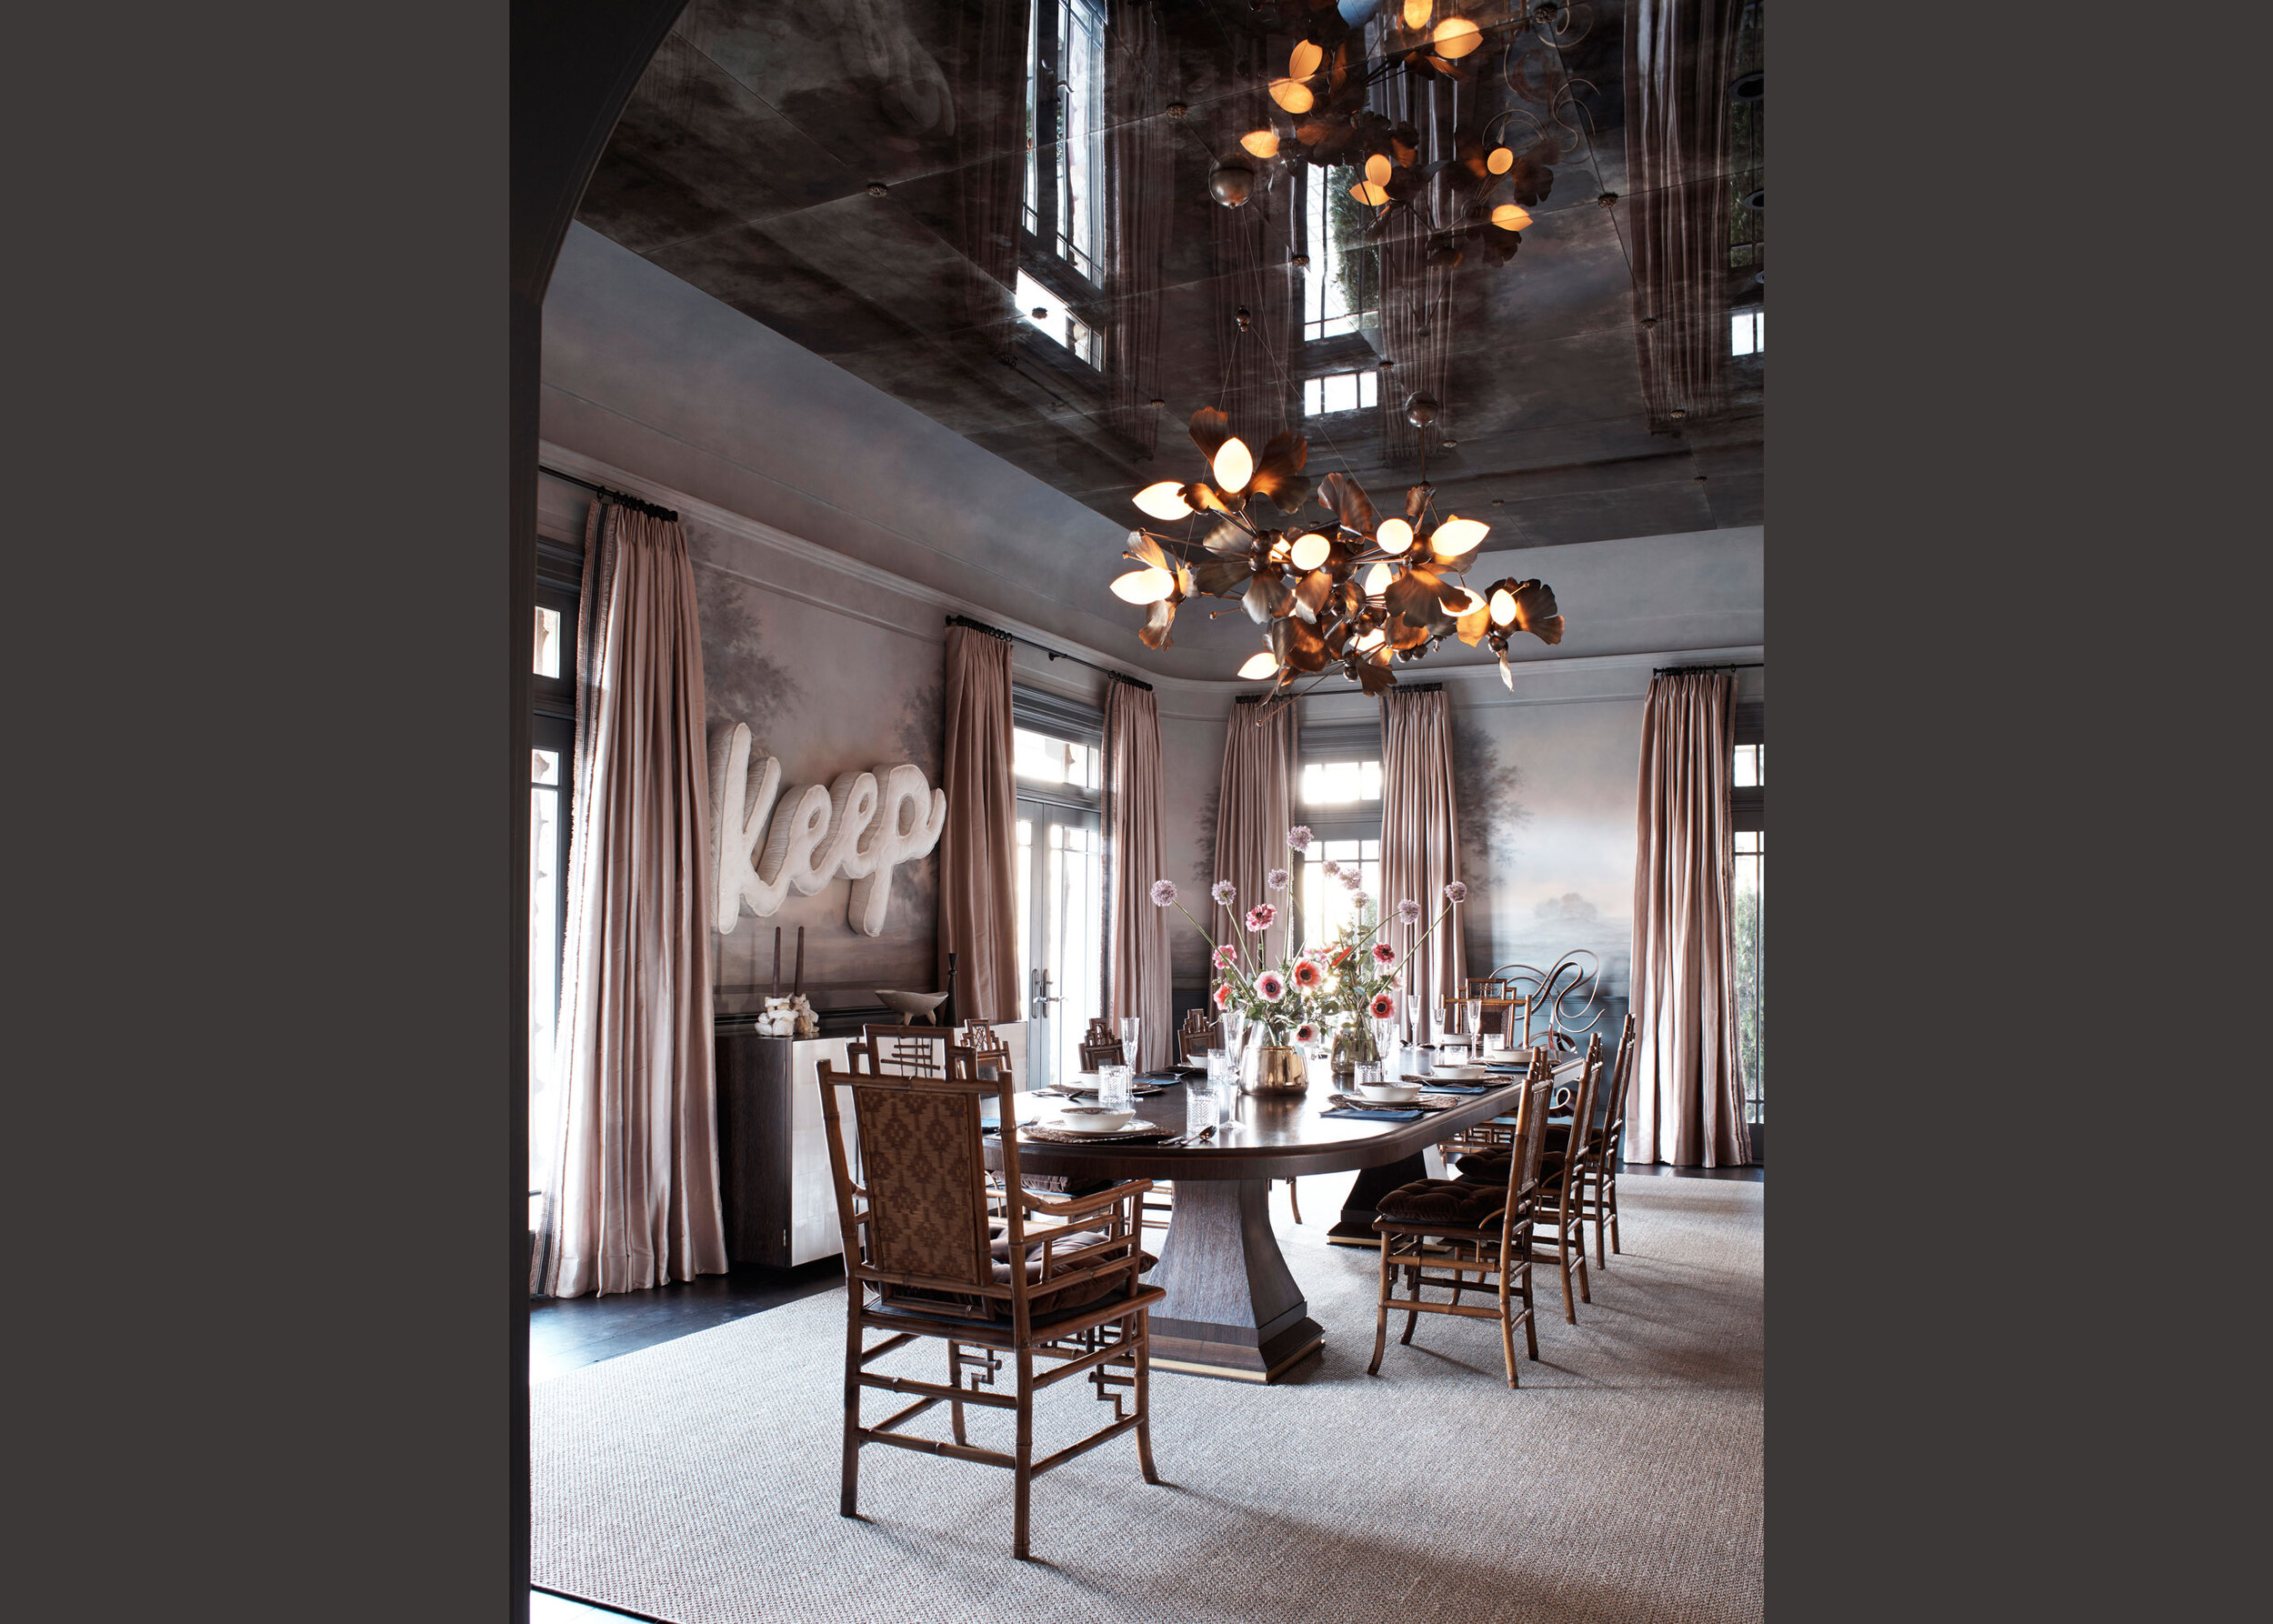 08-WMI---Dining-Room.jpg